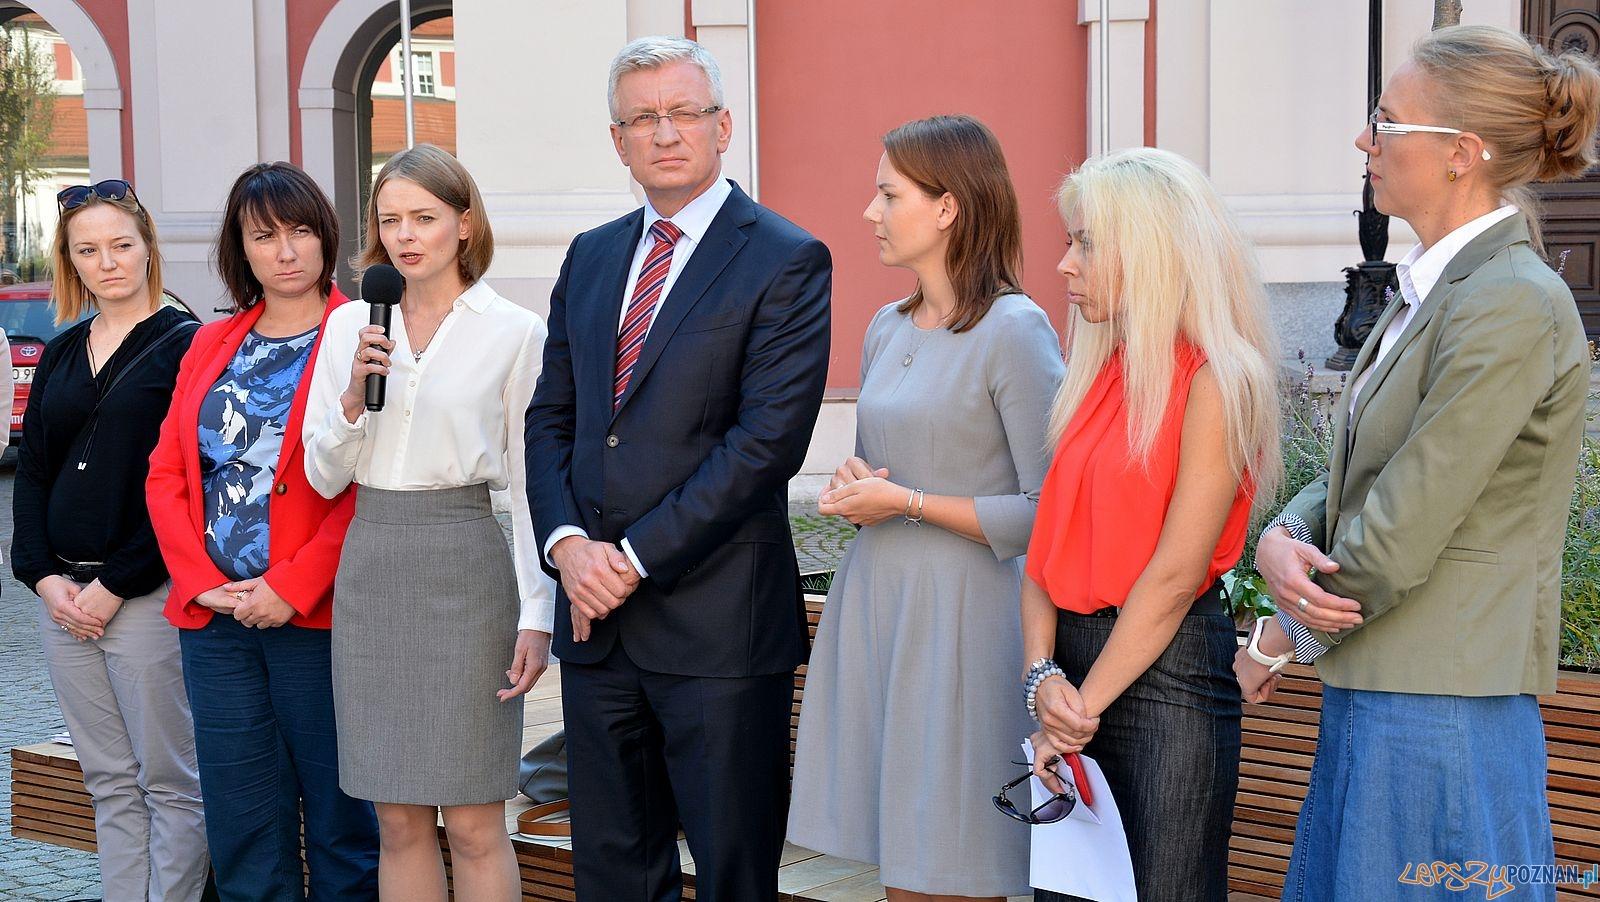 Prezydent Jaśkowiak - Poznań będzie wspierał zabiegi in vitro  Foto: UMP